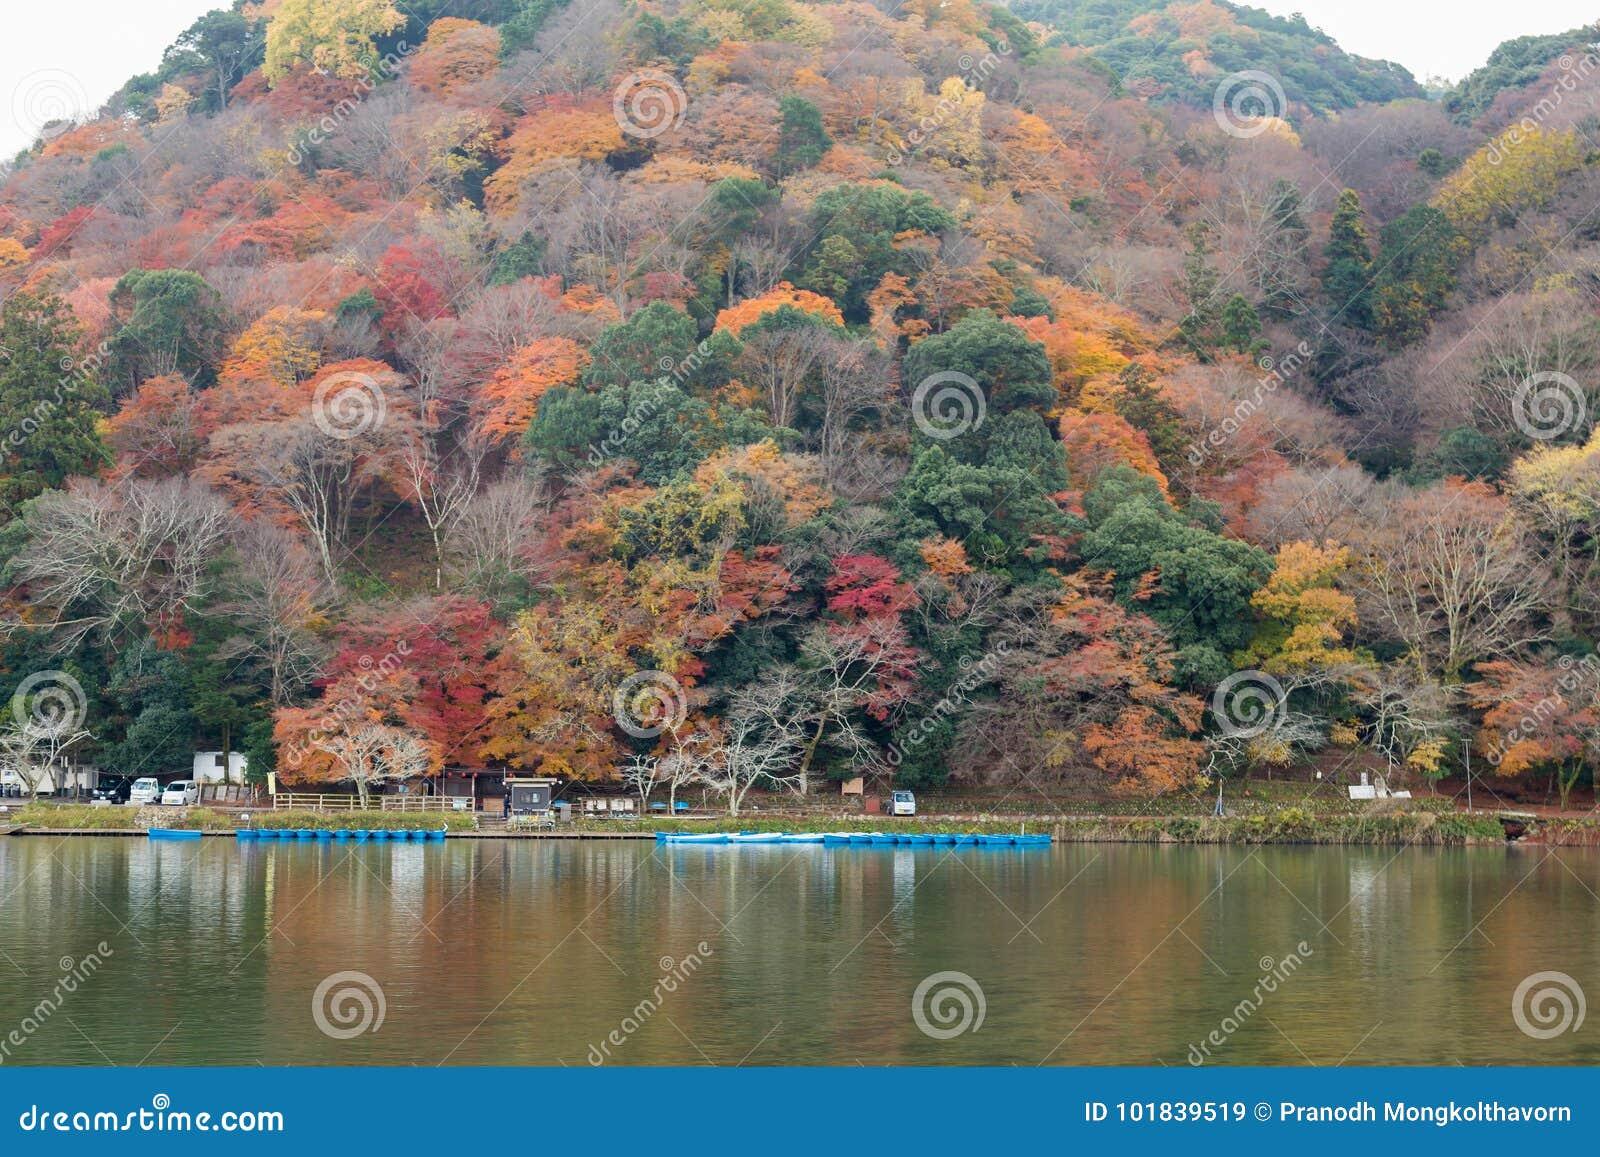 Πολλαπλάσιο δέντρο χρώματος στο μέτωπο νερού βουνών στο Κιότο Ιαπωνία